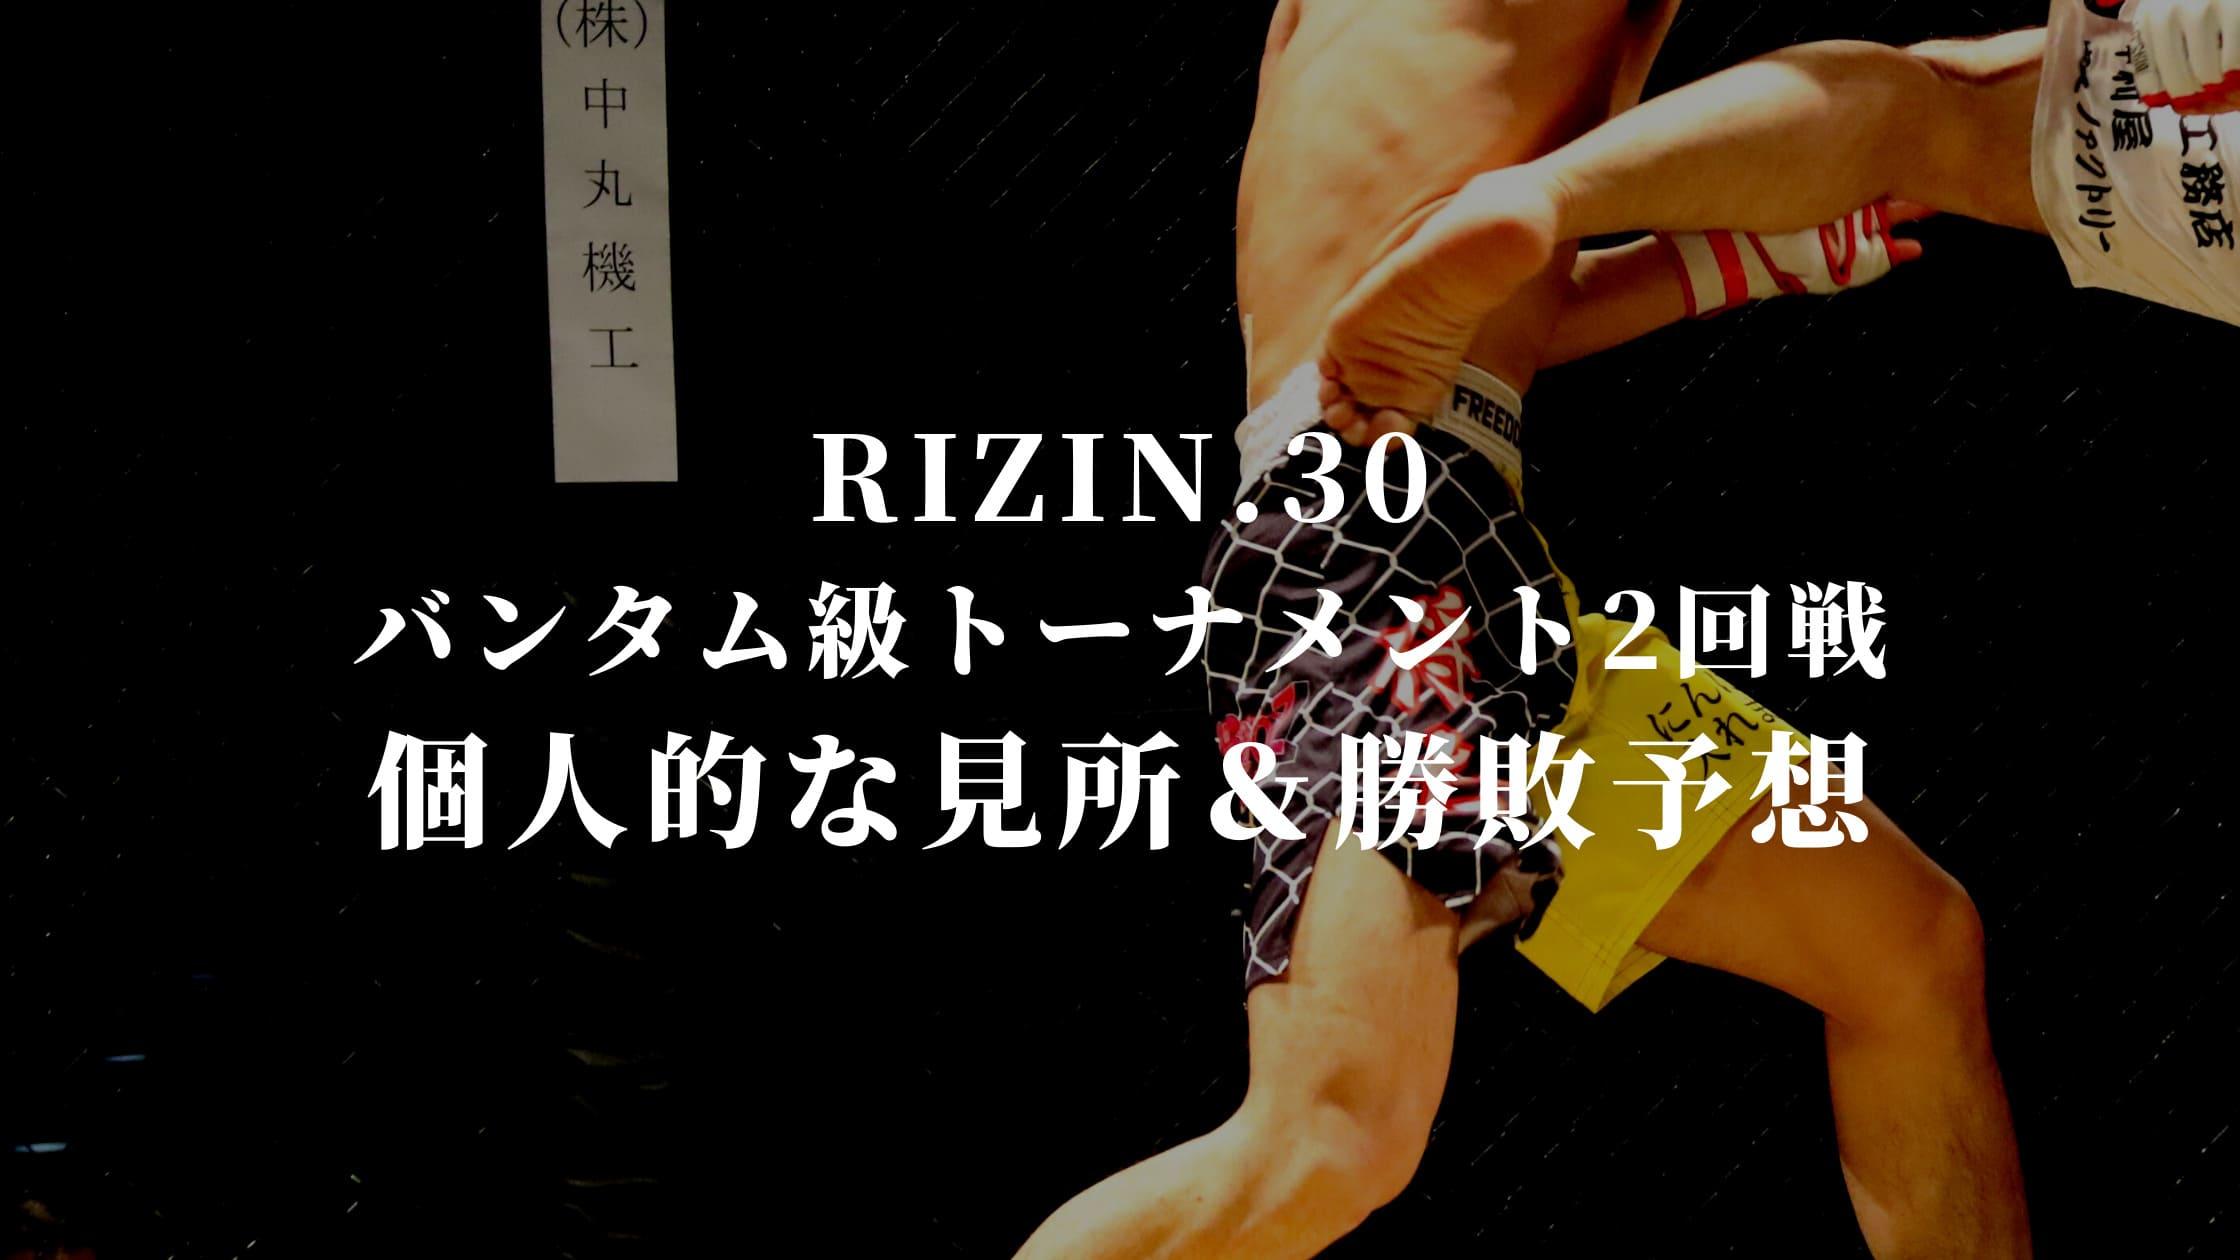 【RIZIN.30】バンタム級GP2回戦カードの個人的な見所と勝敗予想